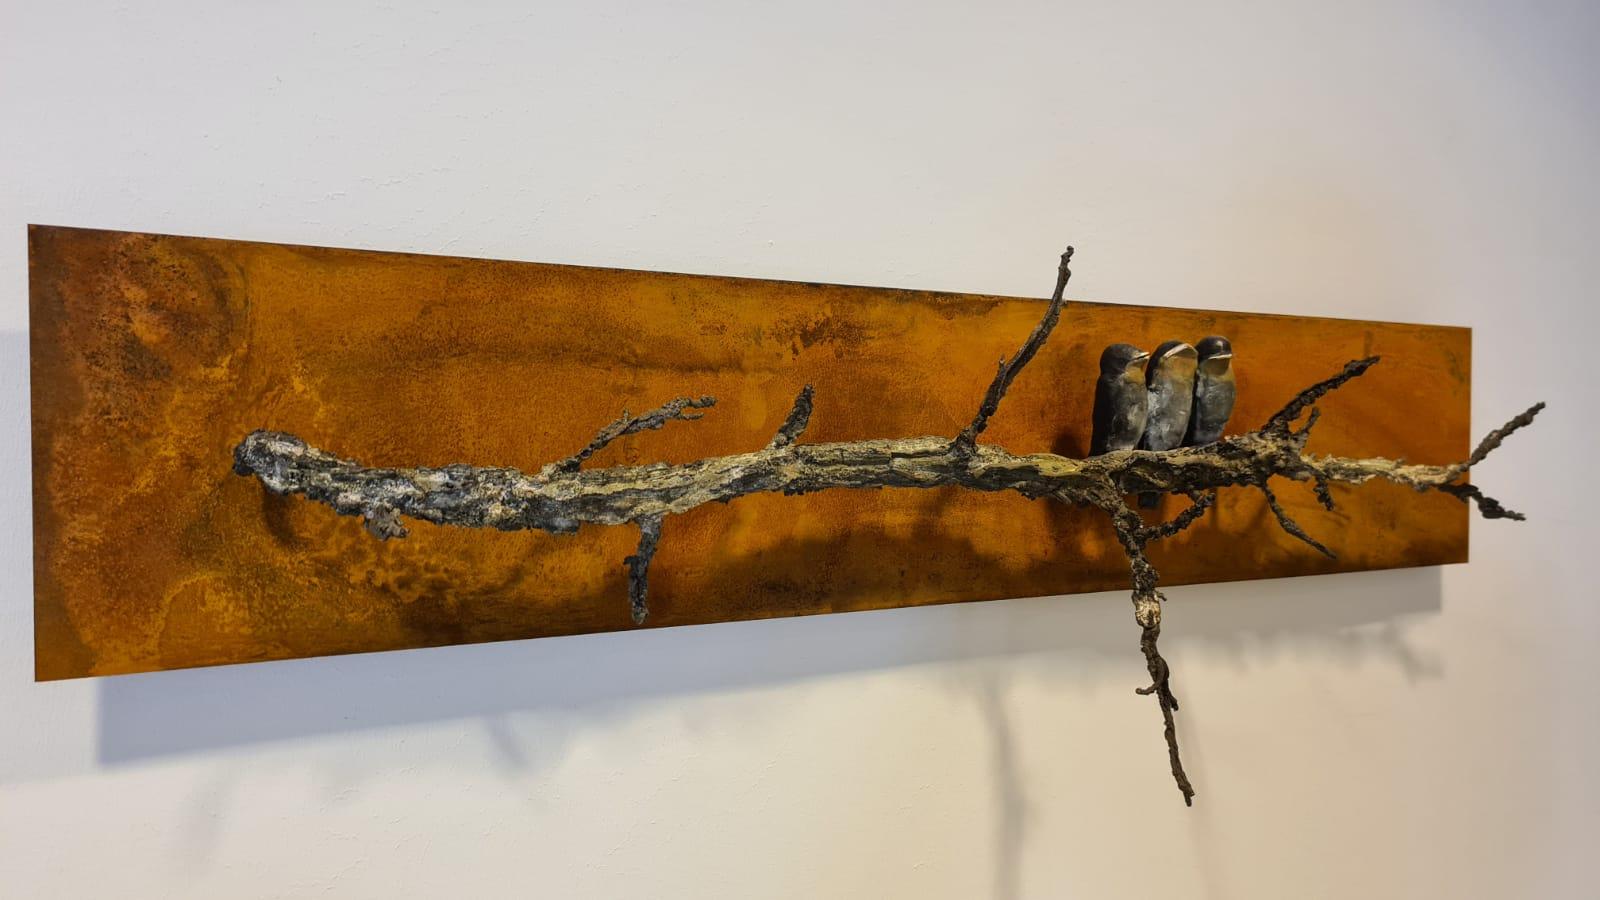 Kunst: Jonge zwaluwen op ambertak van kunstenaar Chris Gadiot